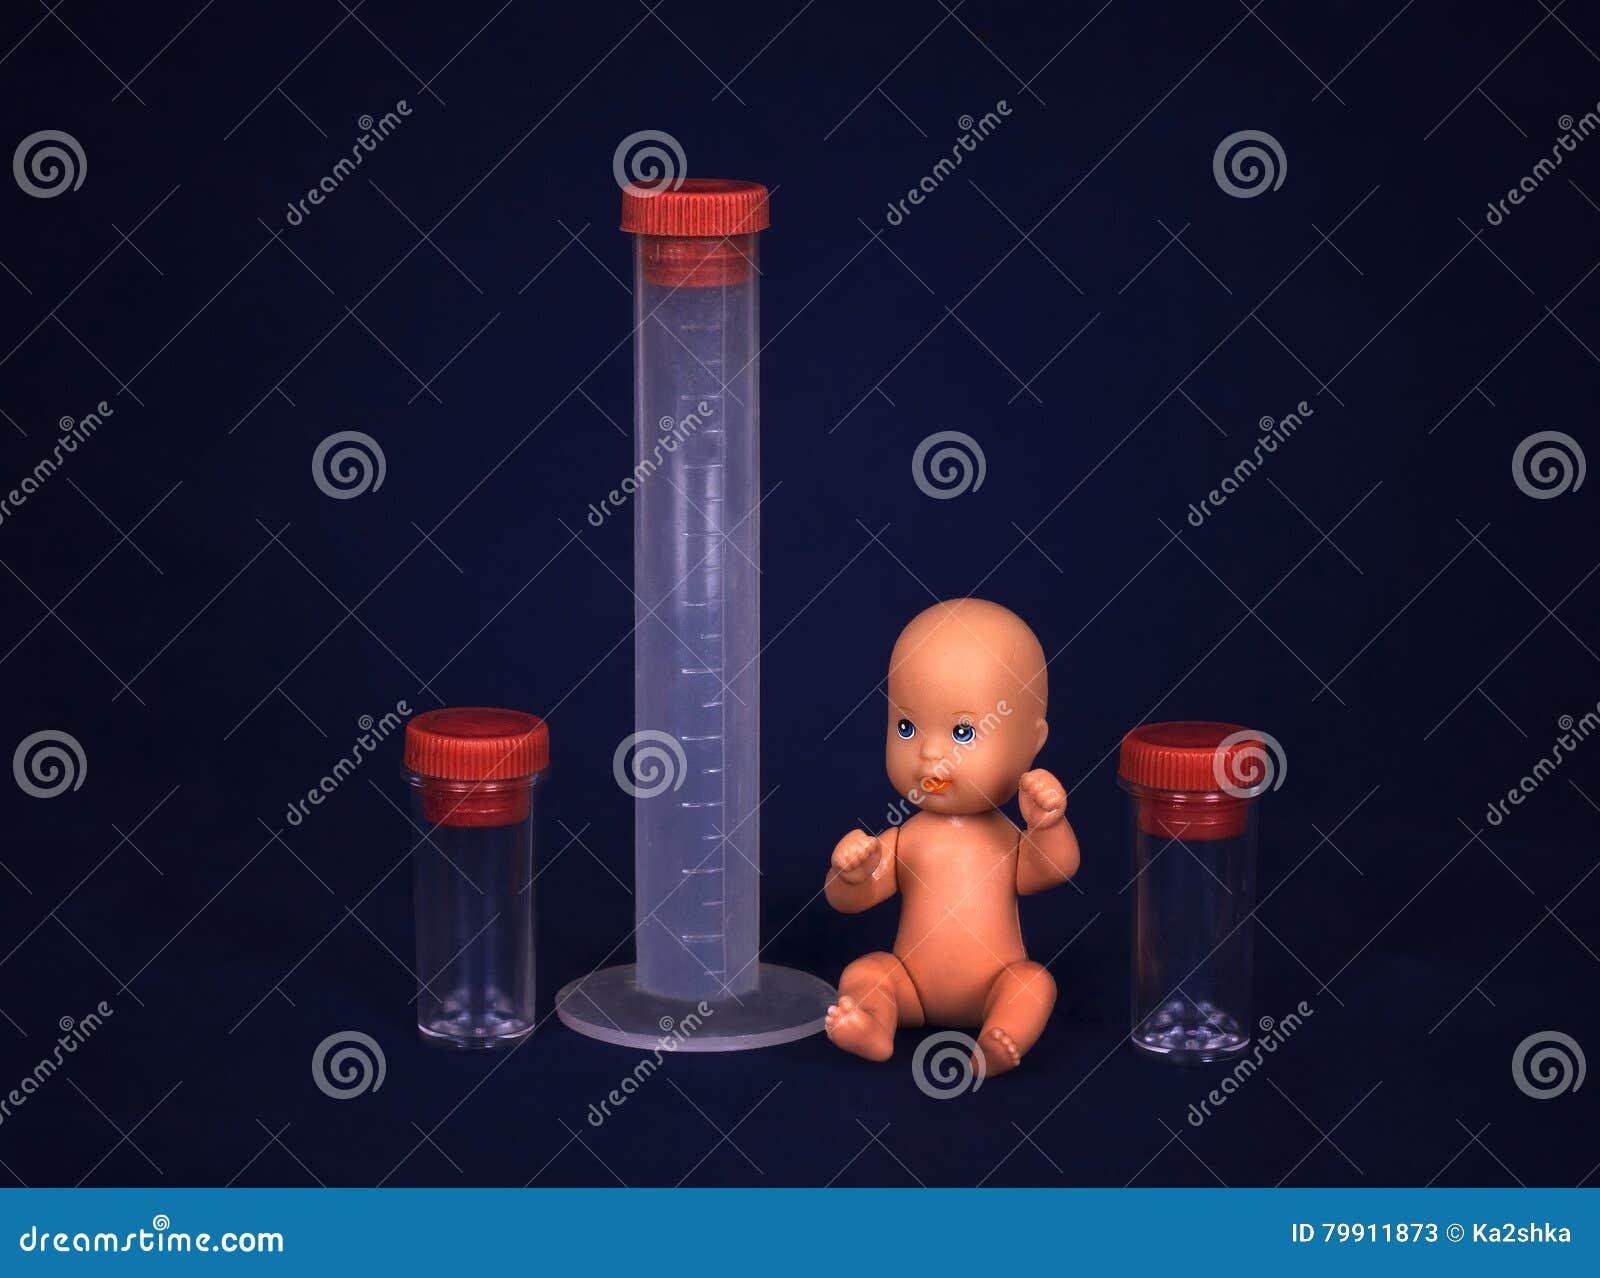 Conceito da fecundação de vitro - bebê e tubo de ensaio